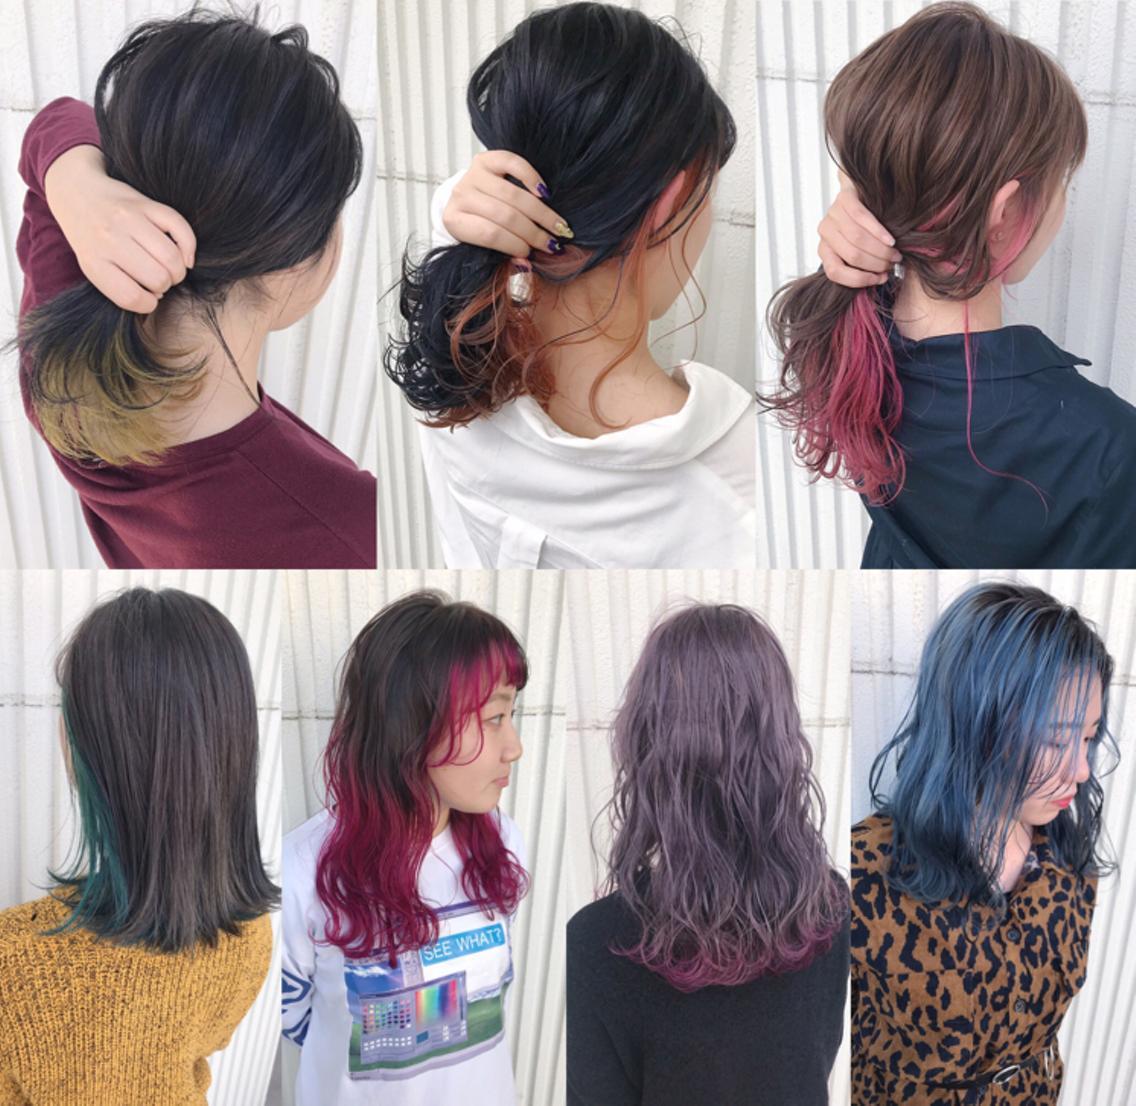 ★NEW★外国人風なNUDYなグレージュ系カラー♪とにかく髪に柔らかさと透明感をカラー¥3500〜⭐️プチプラメニュー多数あり✨